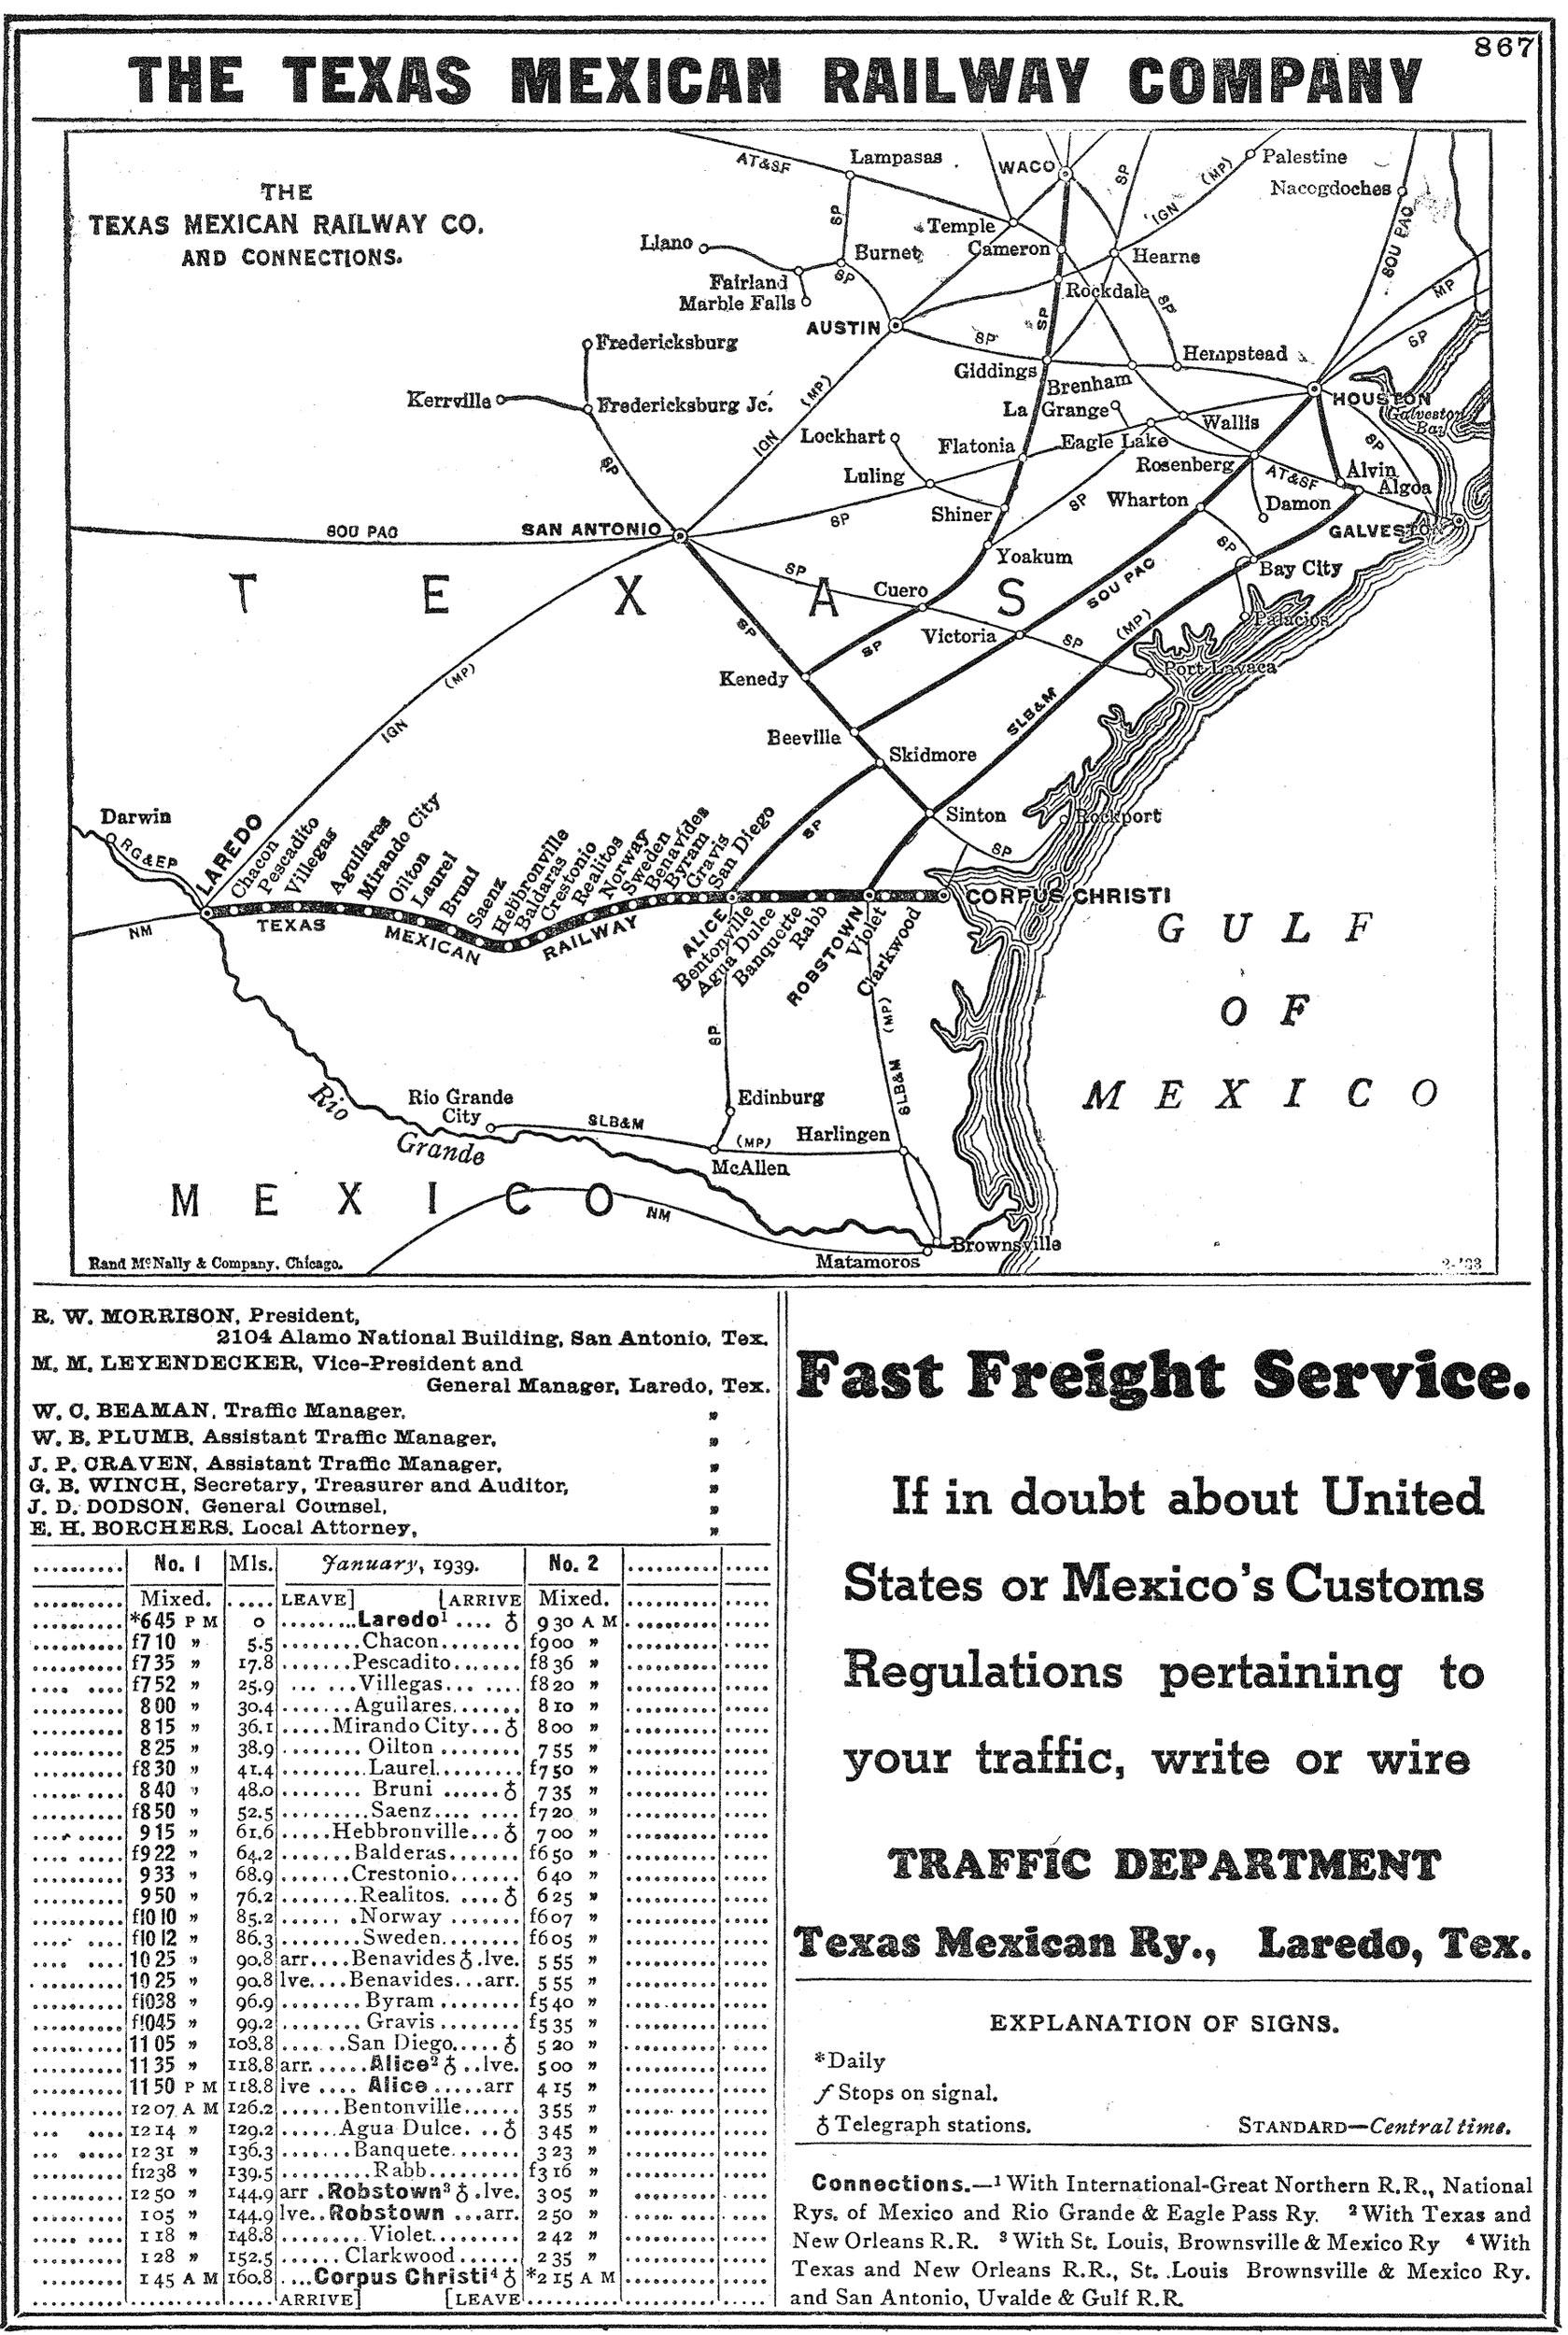 The Texas Mexican Railway TexMex